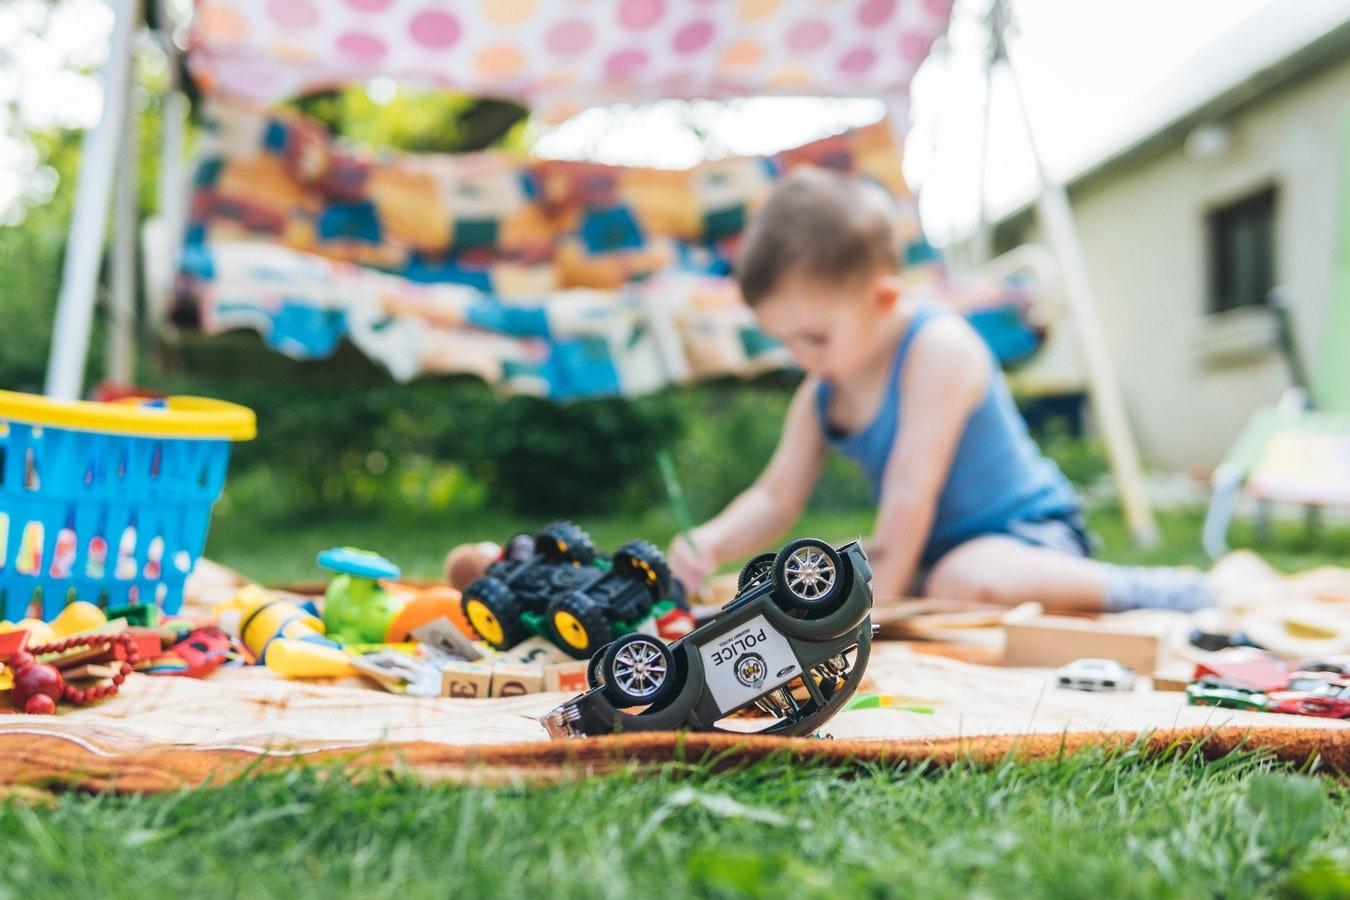 Crescere bambini felici con i giochi di società è possibile?